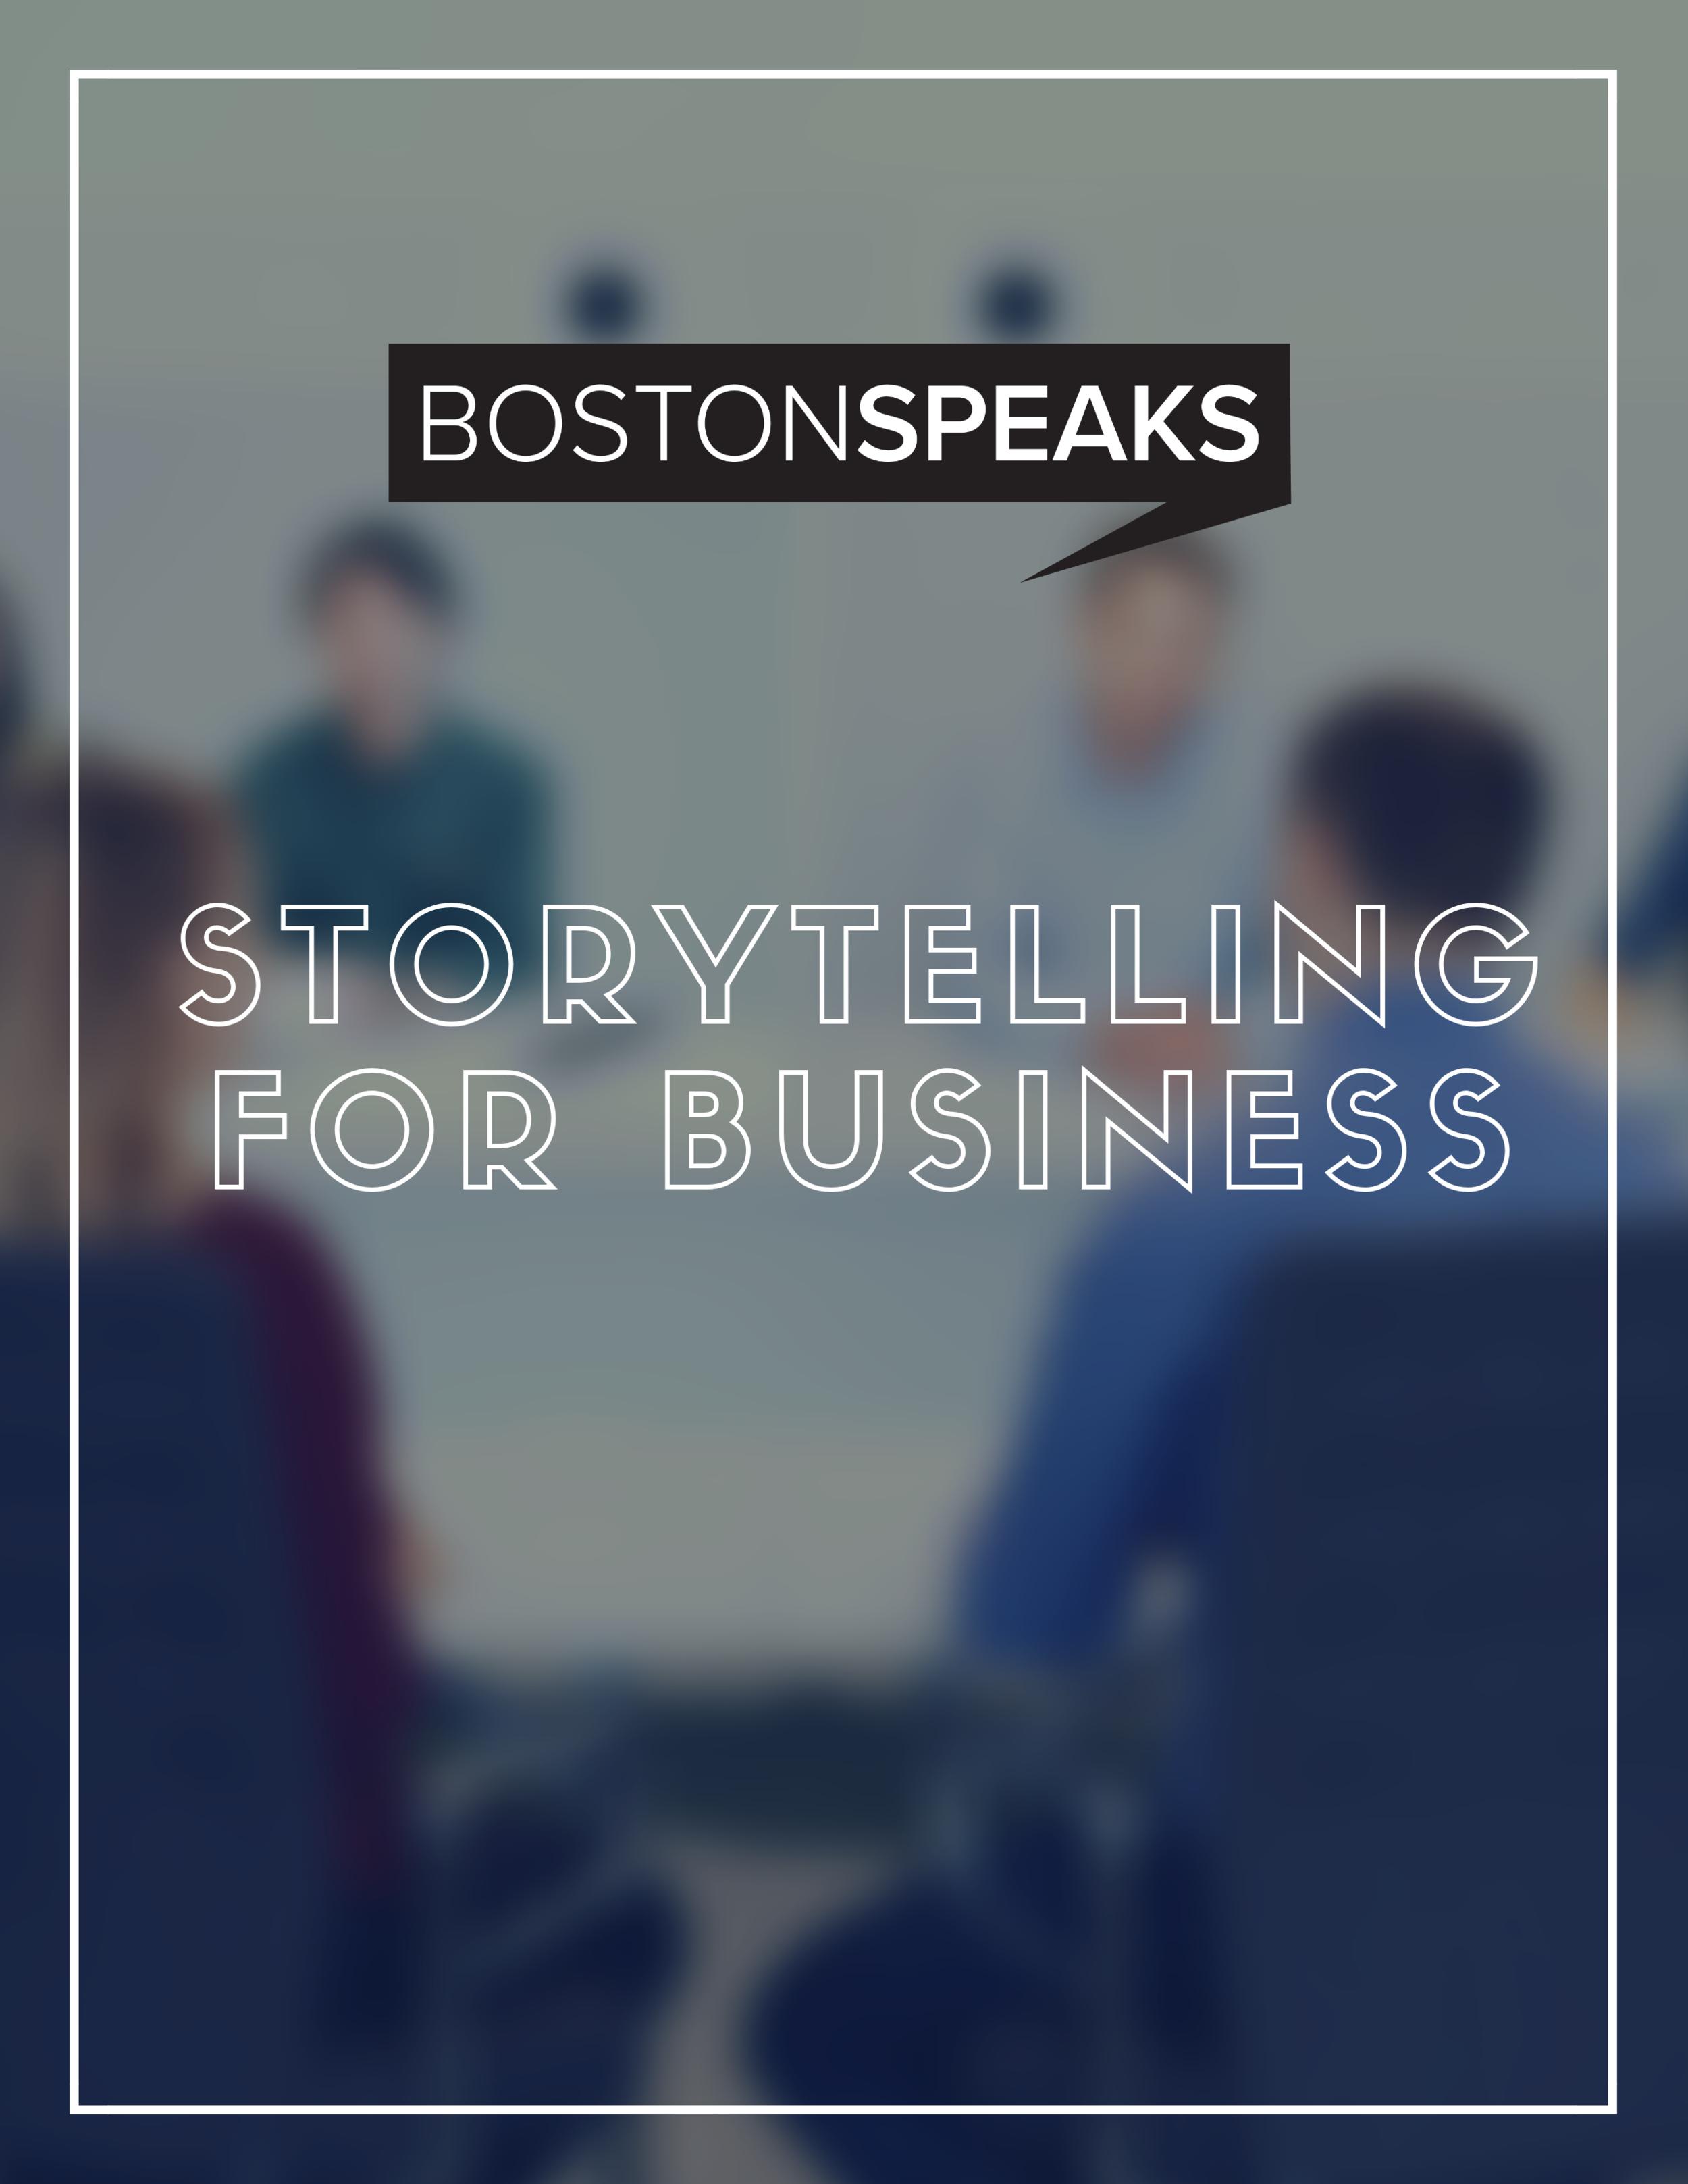 Storytelling For Business Overview BostonSpeaks